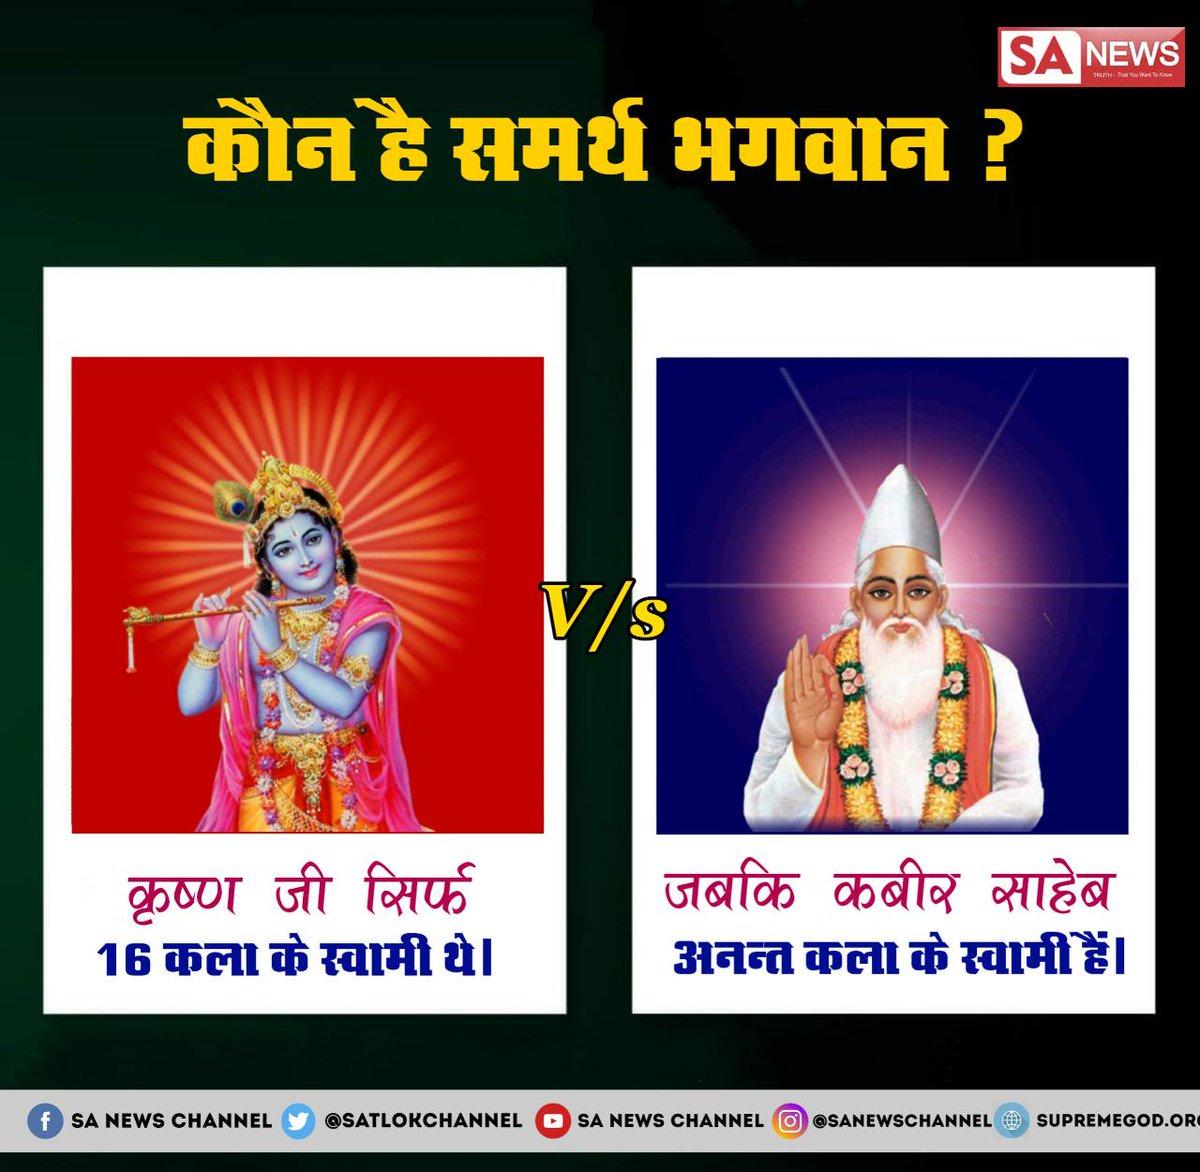 #ThursdayThoughts कौन है वो आदि राम जिसने सतयुग में सृष्टि चलाई?जब न श्रीरामचन्द्र थे न श्रीकृष्ण। किसने बोला गीता का ज्ञान ? किसने बनवाया लंका तक पुल ? कौन है वो सच्चा परमात्मा ? जिसने रची सारी सृष्टि? वेद करें जिसका गुणगान? देखे प्रमाणों के सहित साधना चैनल 7:30 PM